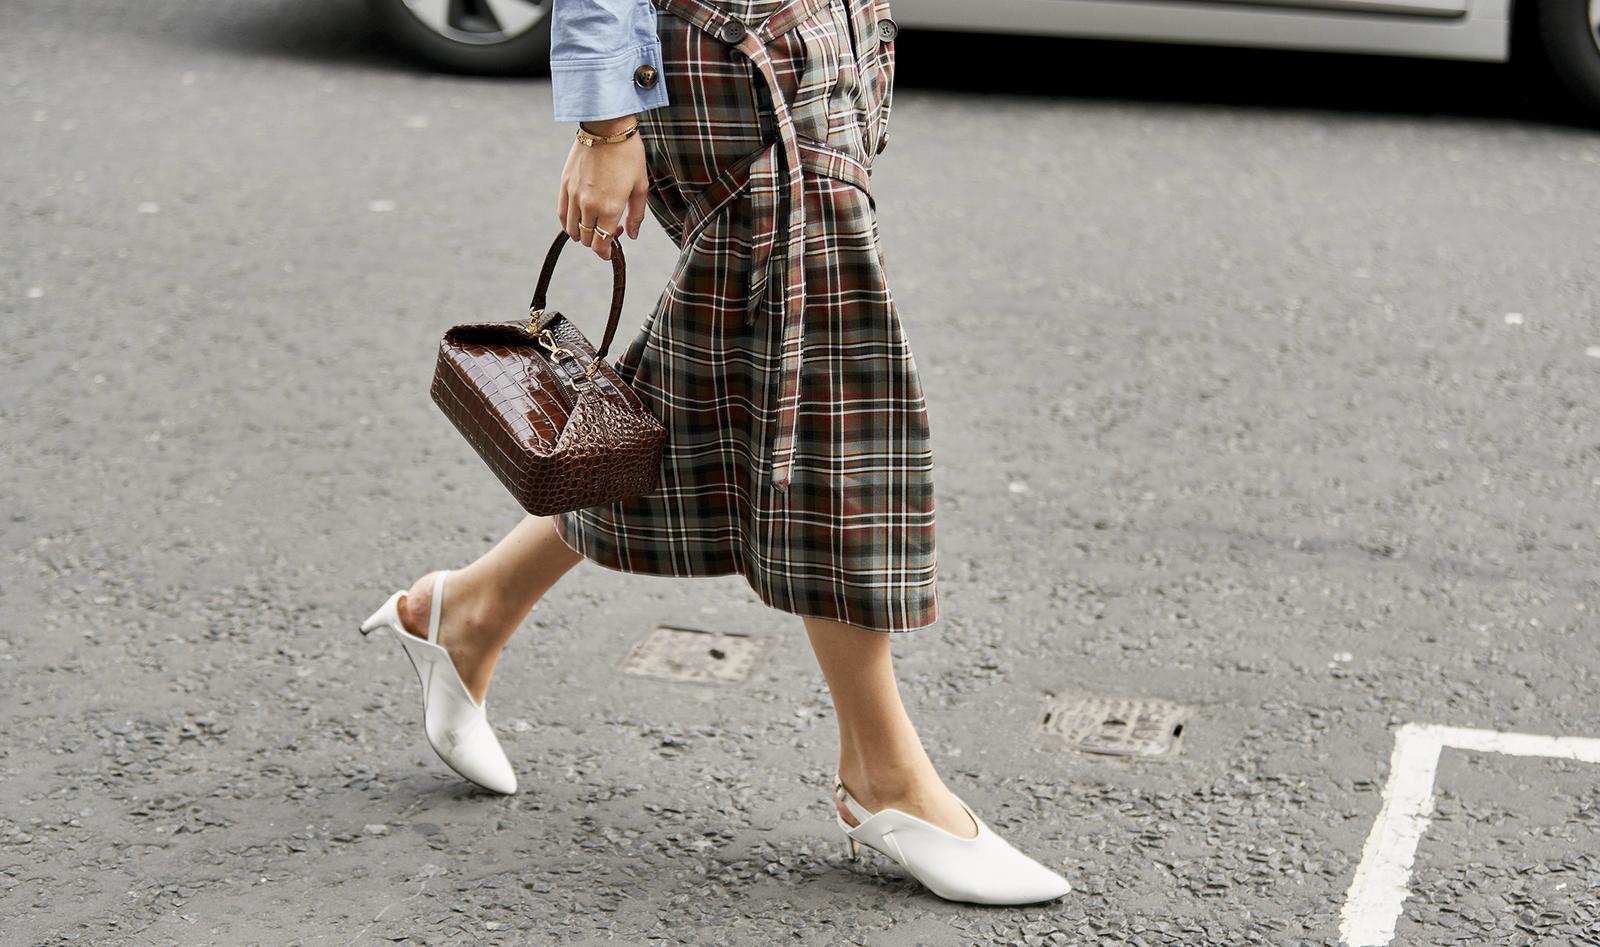 Questa gonna di Zara spopola su Instagram, e costa meno di 40 euro  Serve dire altro  is part of Zara Home Accessories Street Styles - La tendenza dell'Inverno 2019 è questa midi skirt amata dalle influencer